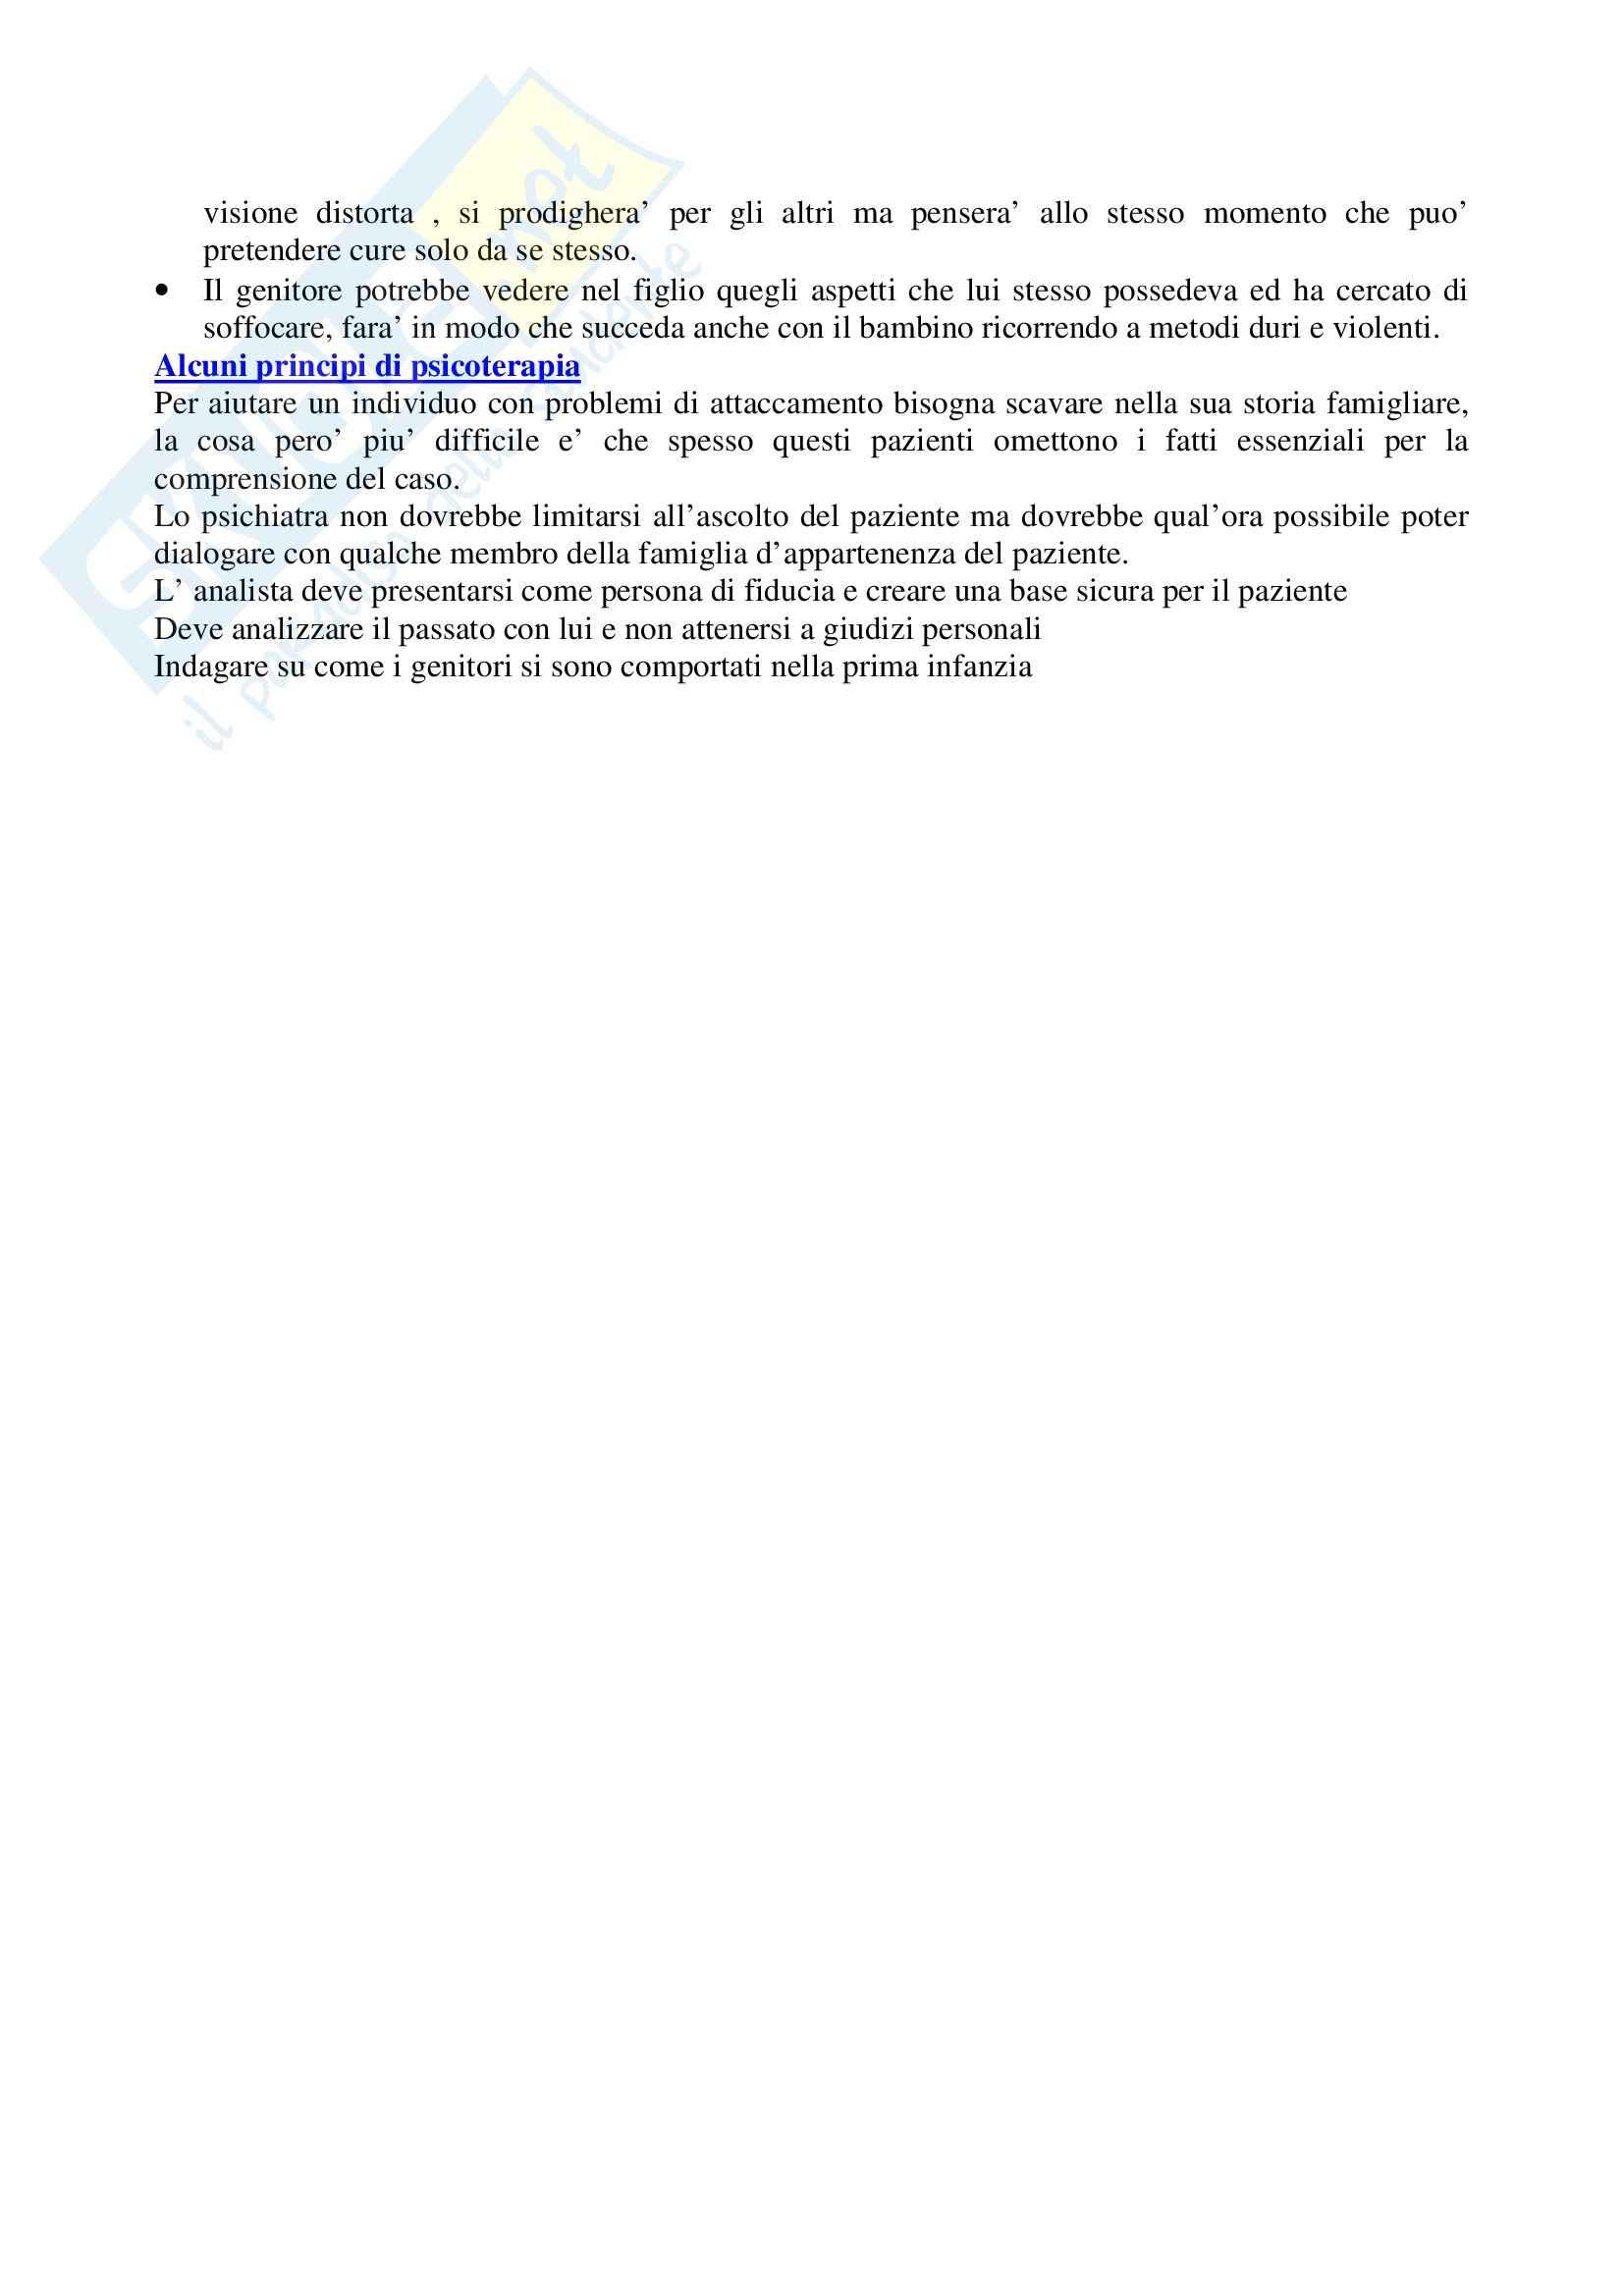 Costruzione e rottura dei legami affettivi Pag. 11